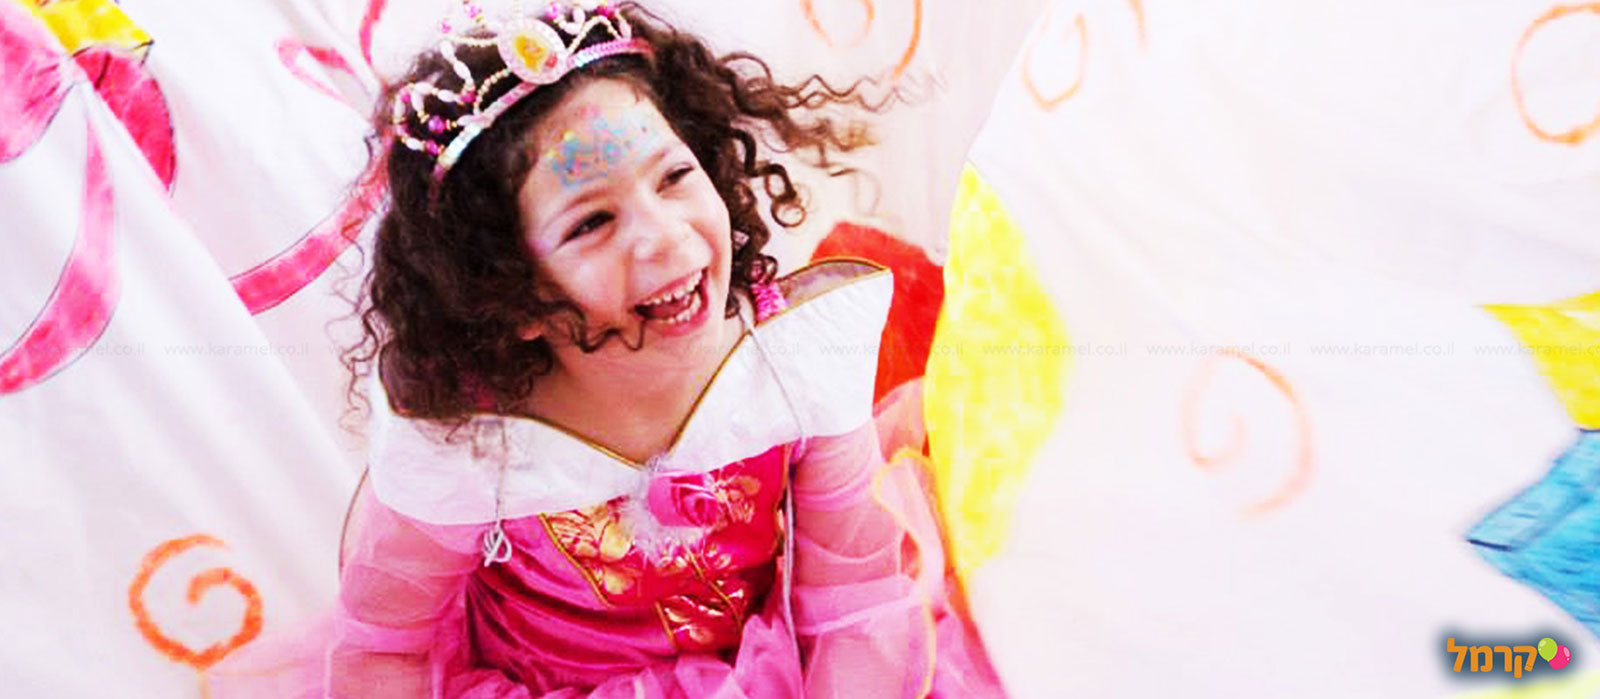 נסיכות ואבירים עם הצגה ותחפושות - 073-7840251